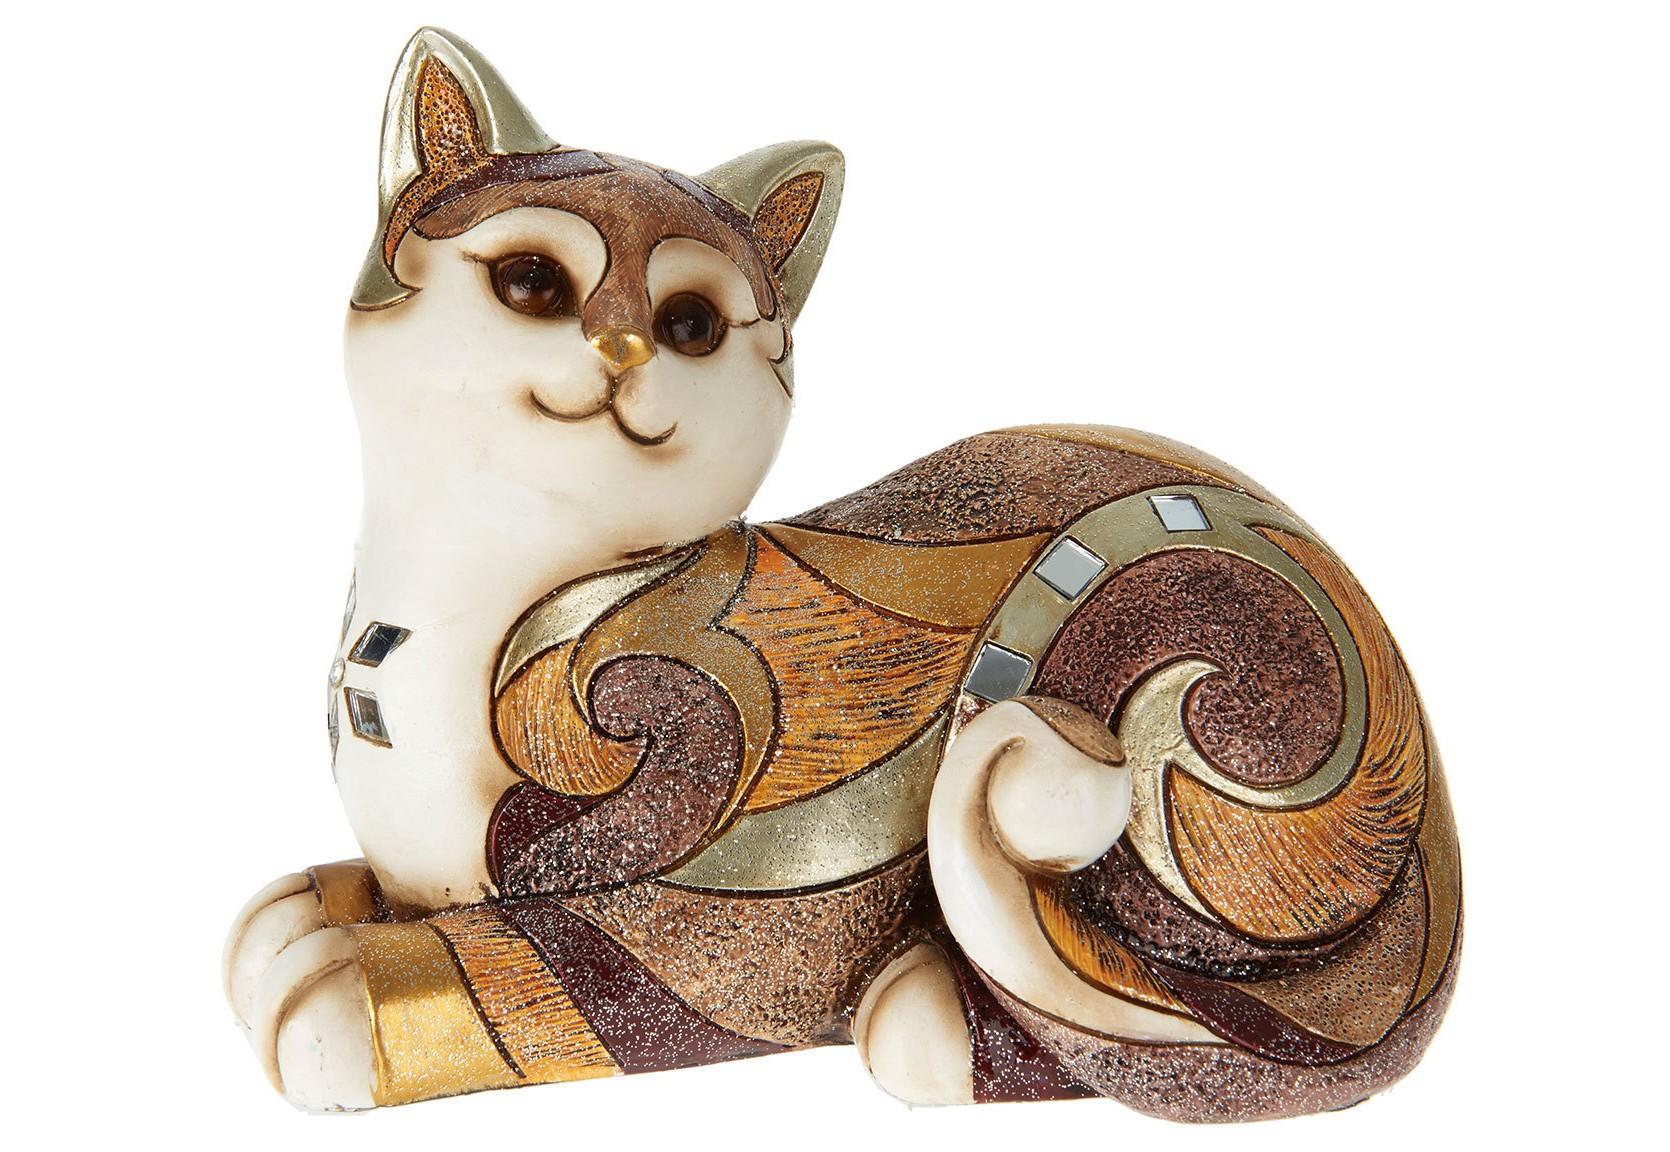 Статуэтка кошка Mina ClaveroСтатуэтки<br><br><br>Material: Полистоун<br>Length см: None<br>Width см: 17<br>Depth см: 10<br>Height см: 15